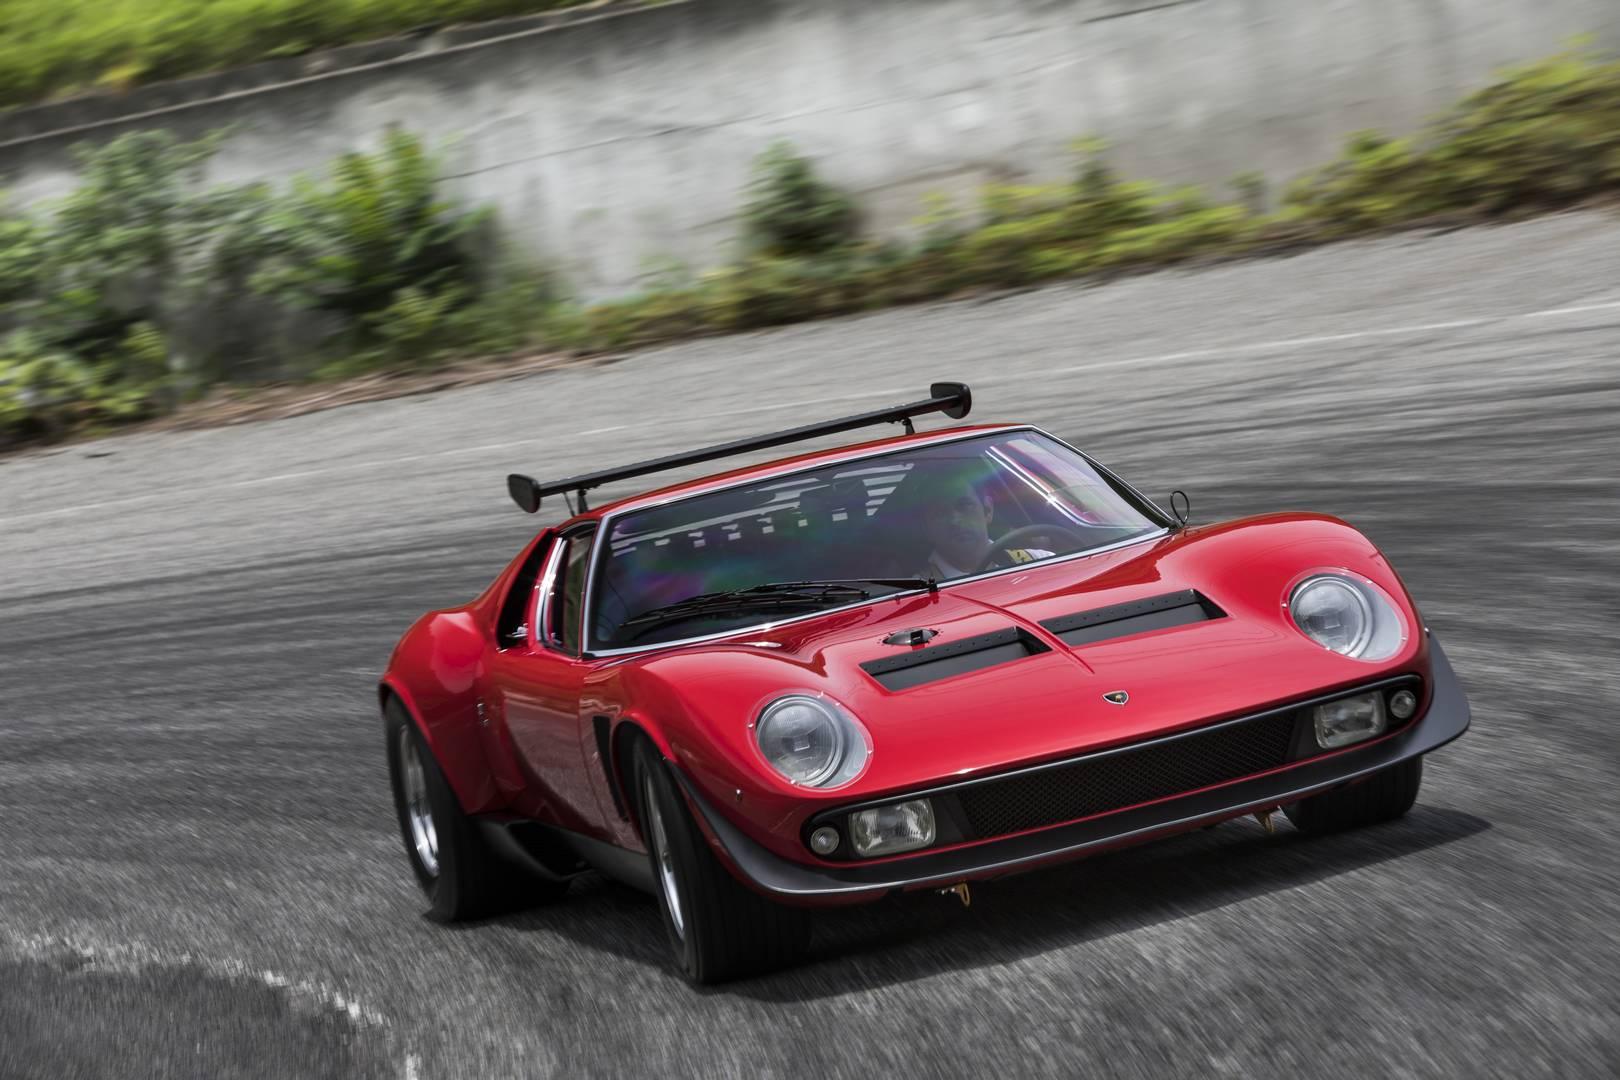 SVR является легендой среди коллекционеров Lamborghini. История восходит к уникальному Lamborghini Miura Jota, который была грустно потерян в результате аварии в 1970-х годах. Lamborghini отказался построить еще один, чтобы заменить разрушенный супер